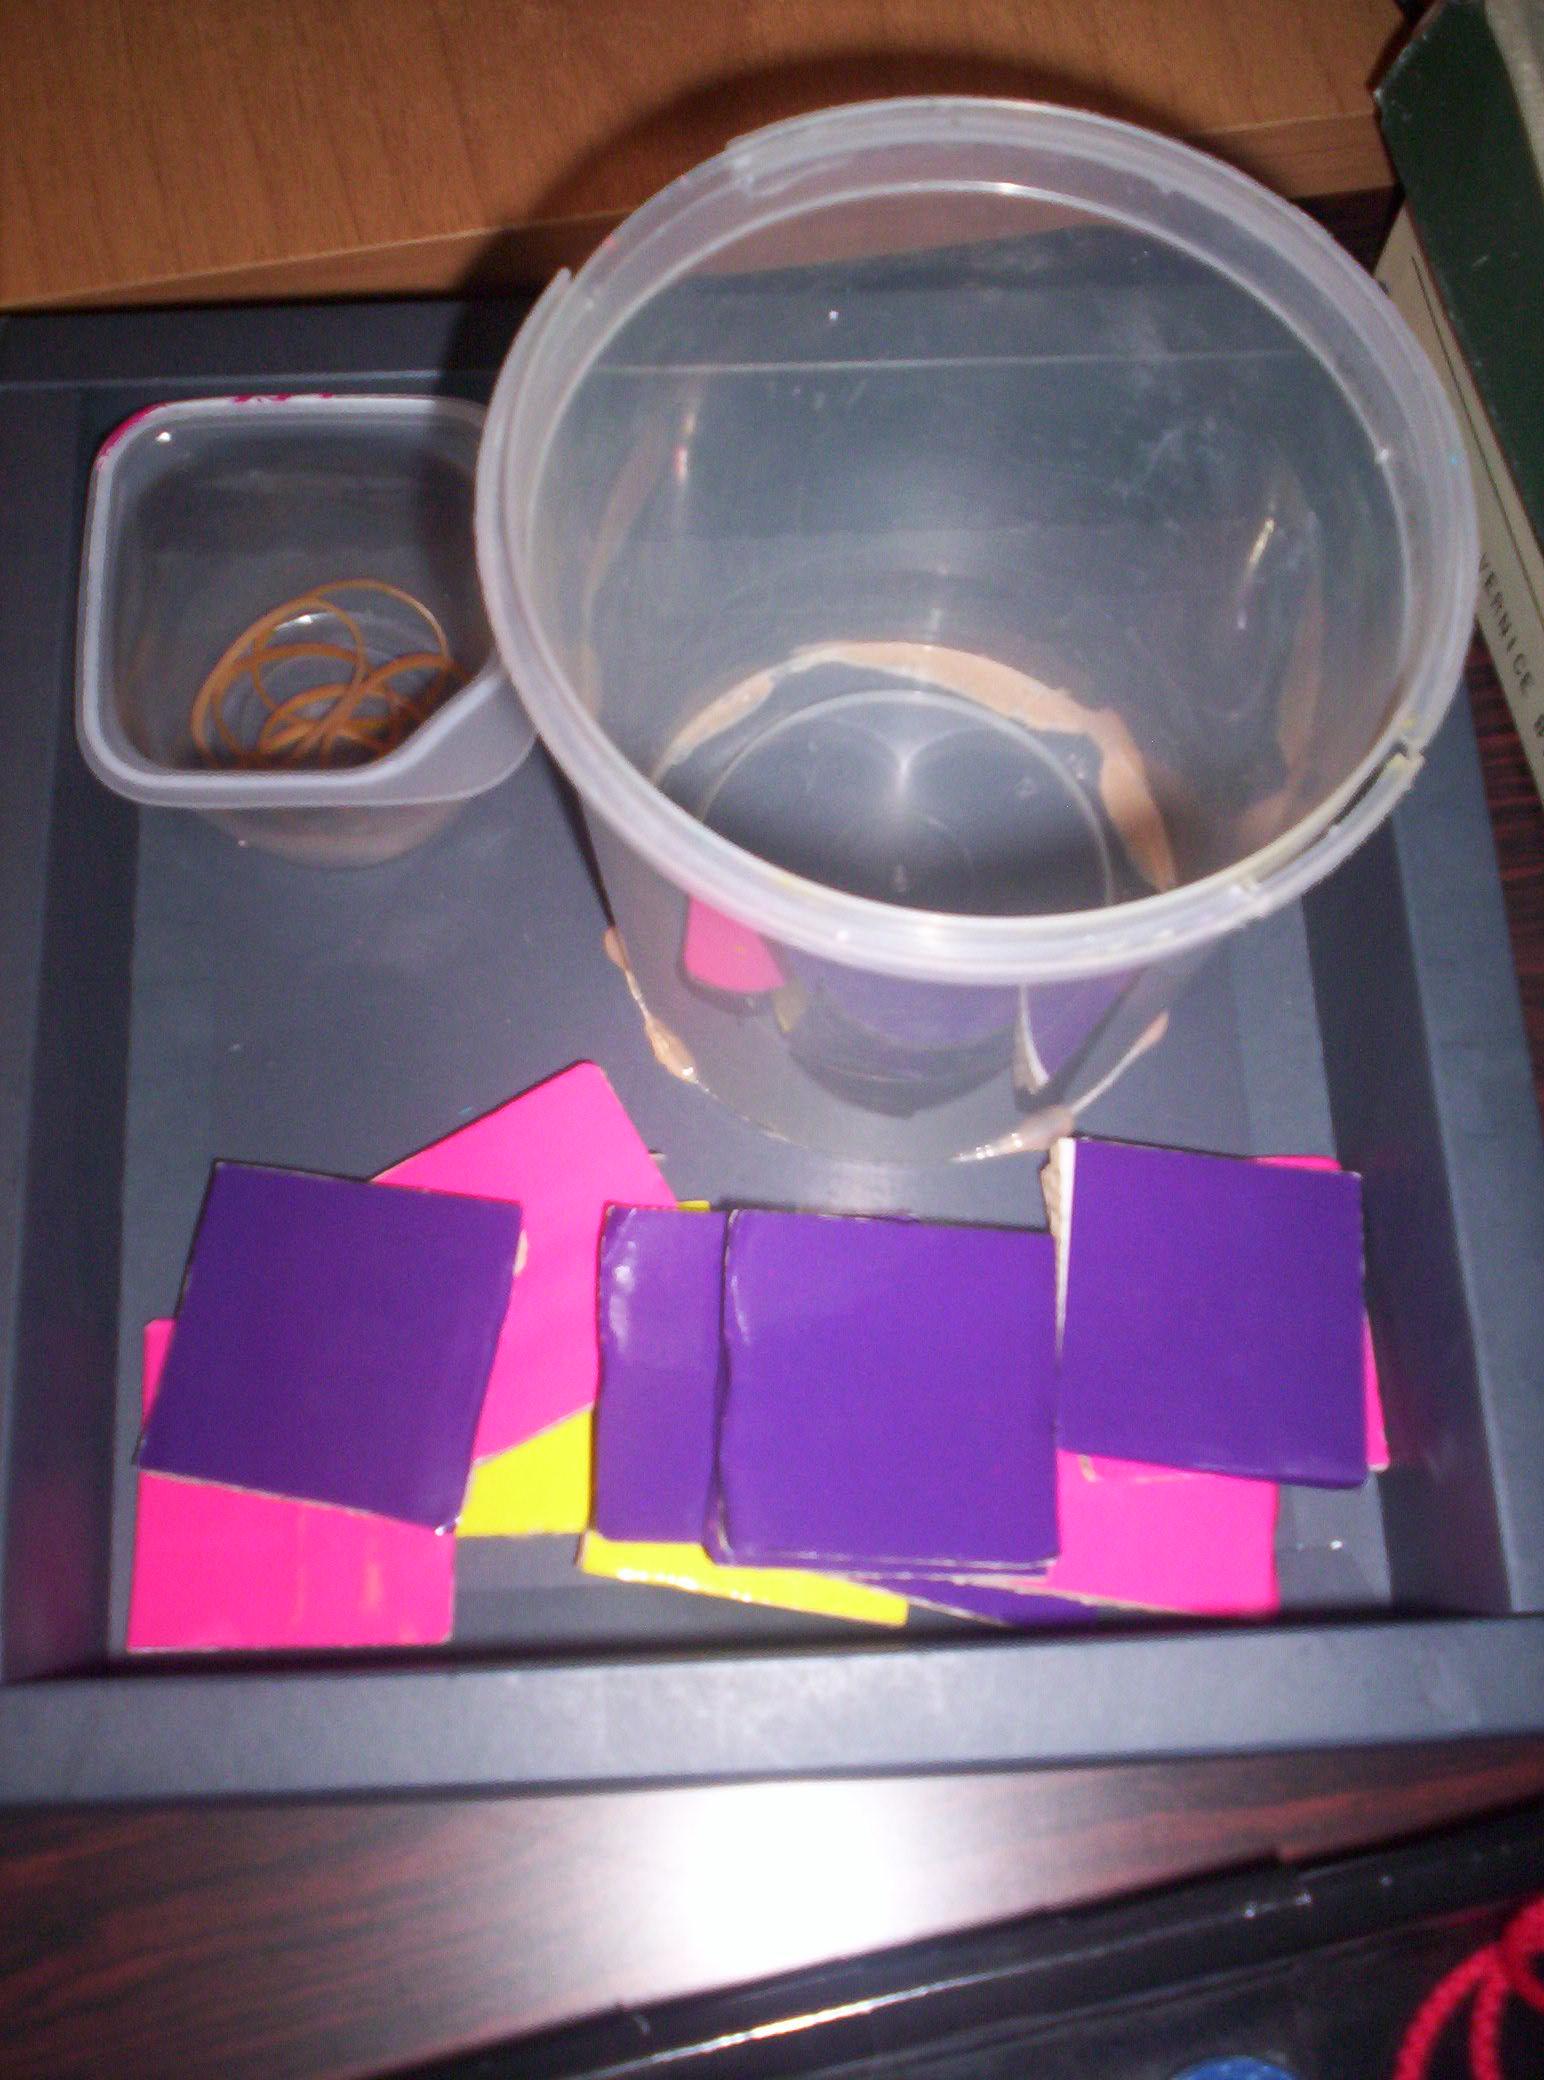 Una piccola scatola contenente alcuni elastici. Un contenitore più grande e vuoto. Alcuni cartoncini quadrati rosa, gialli e viola.